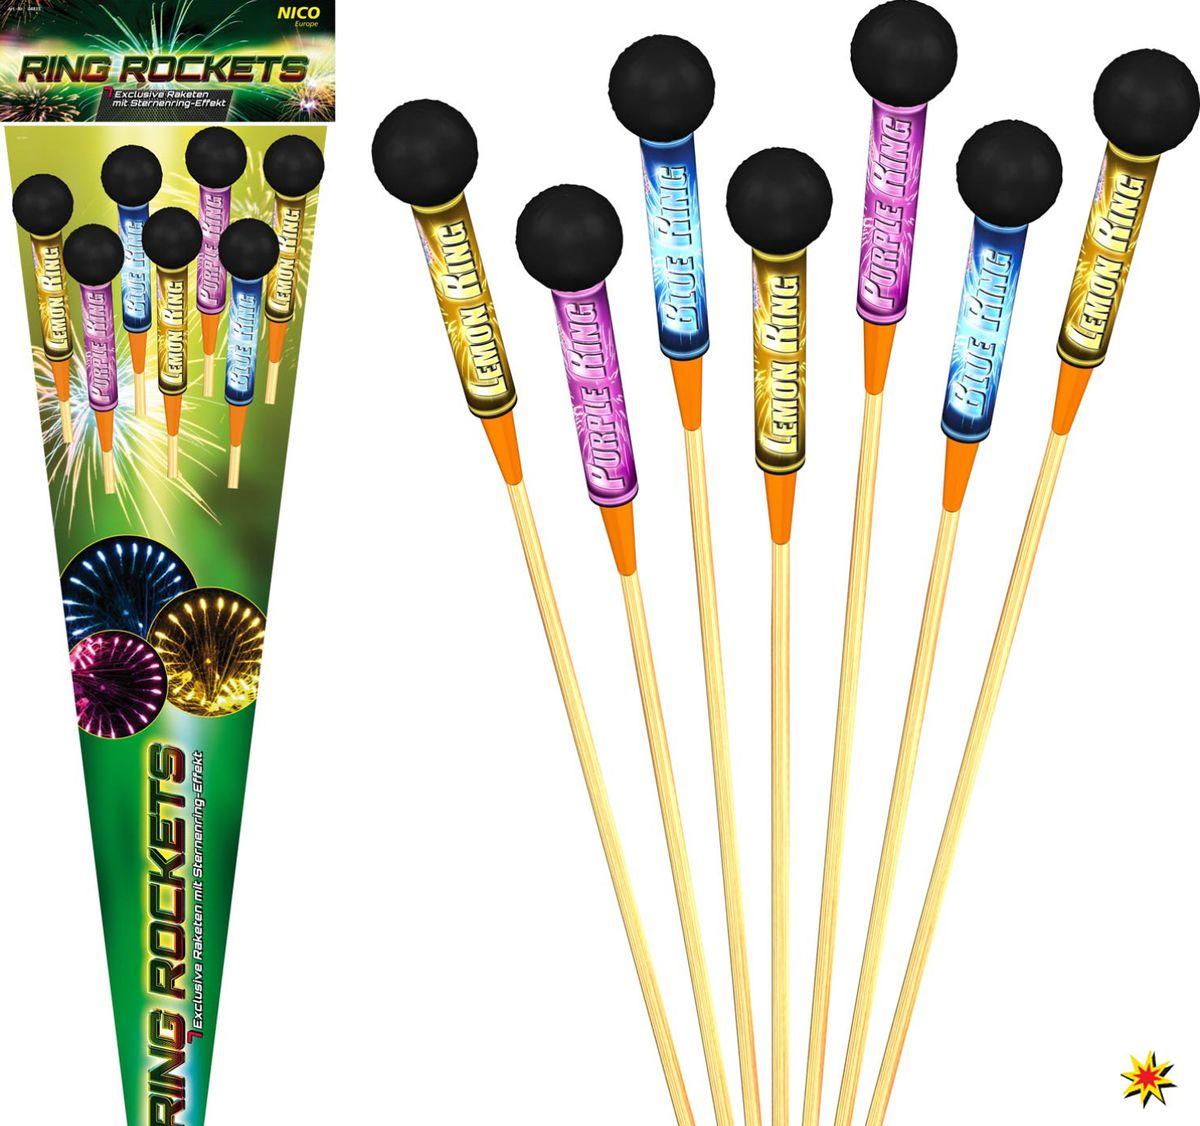 7 bunte Feuerwerksraketen in einer Verpackung